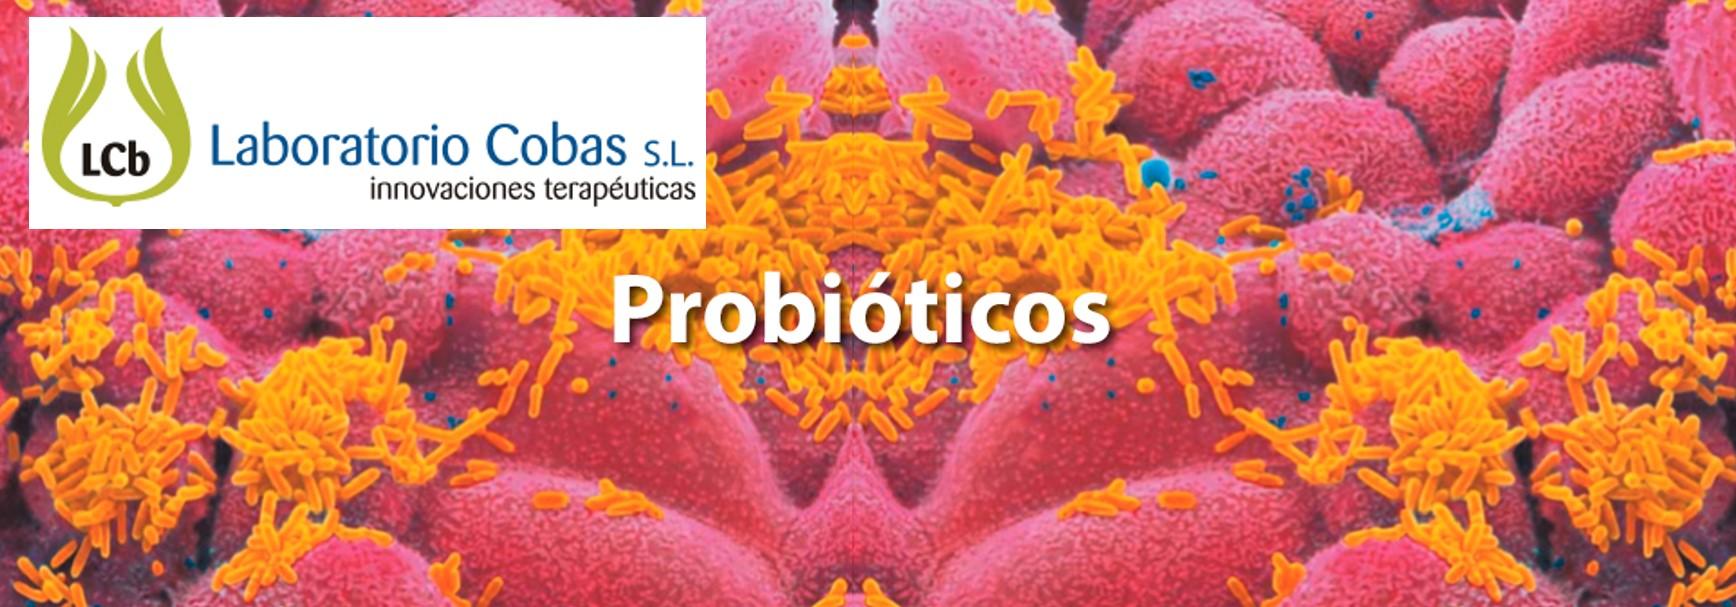 Microbiota, más allá de lactobacilos y bifidobacterias